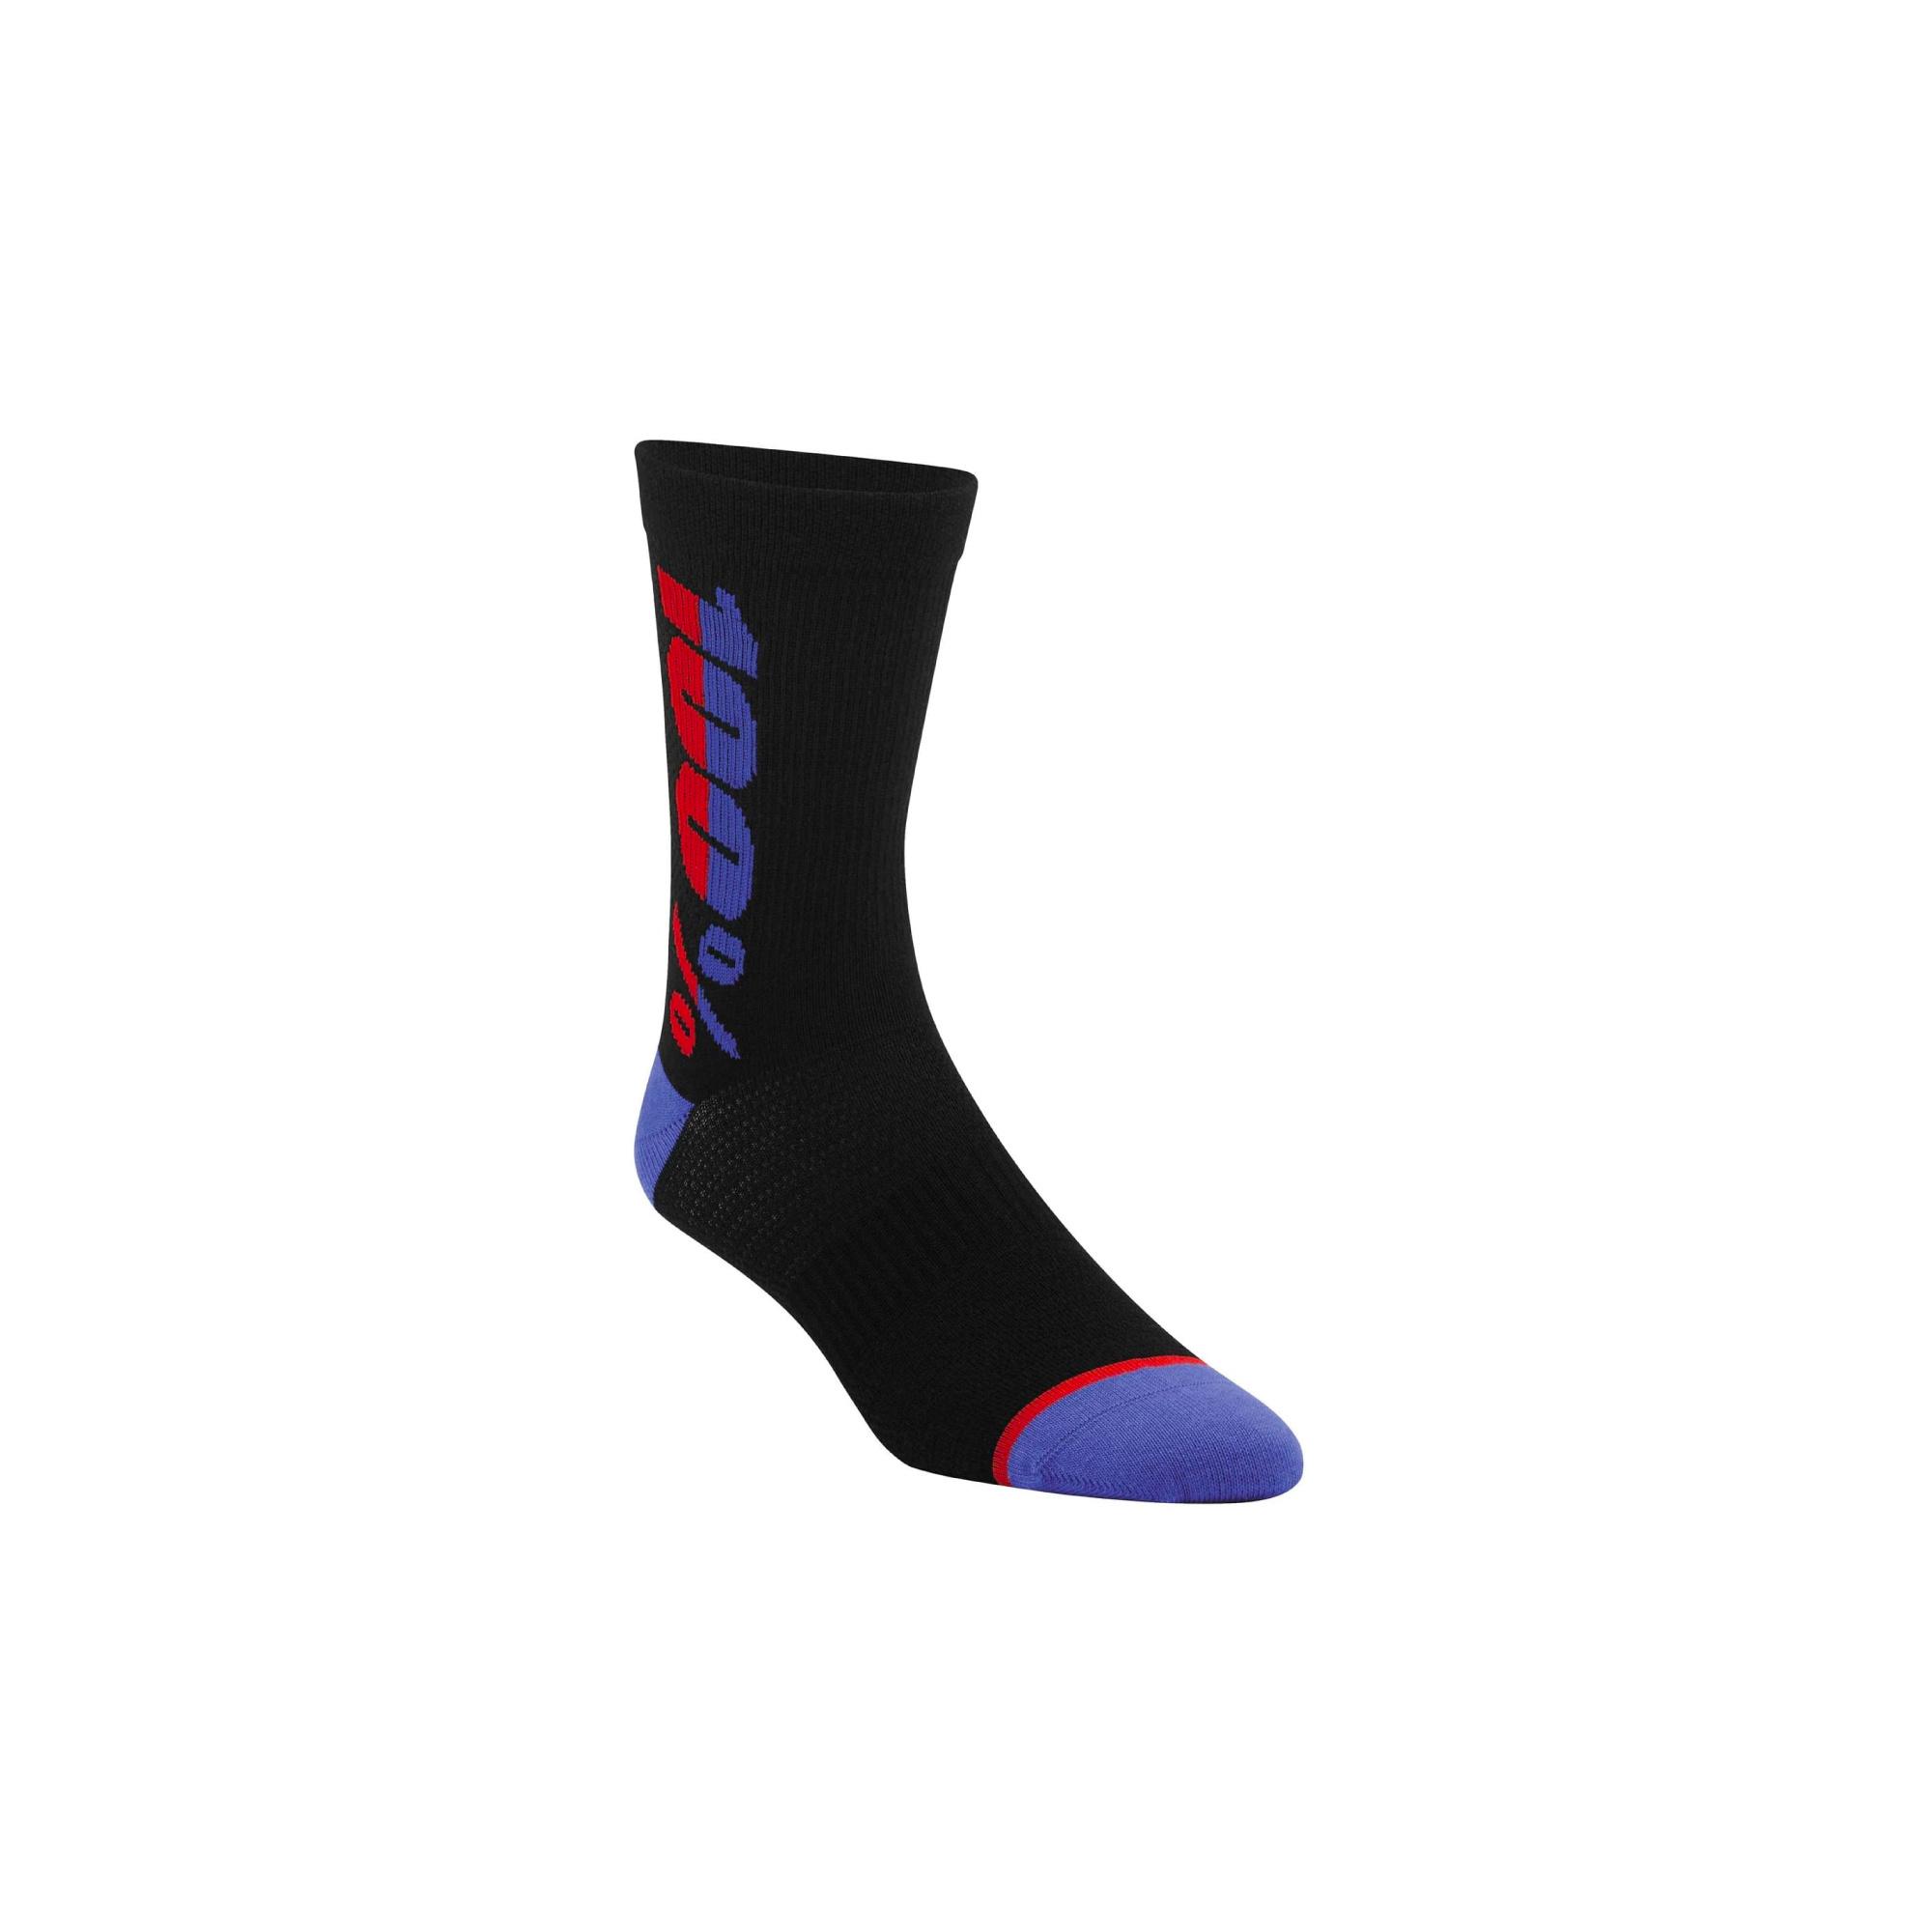 Rythym Merino Performance Socks-2